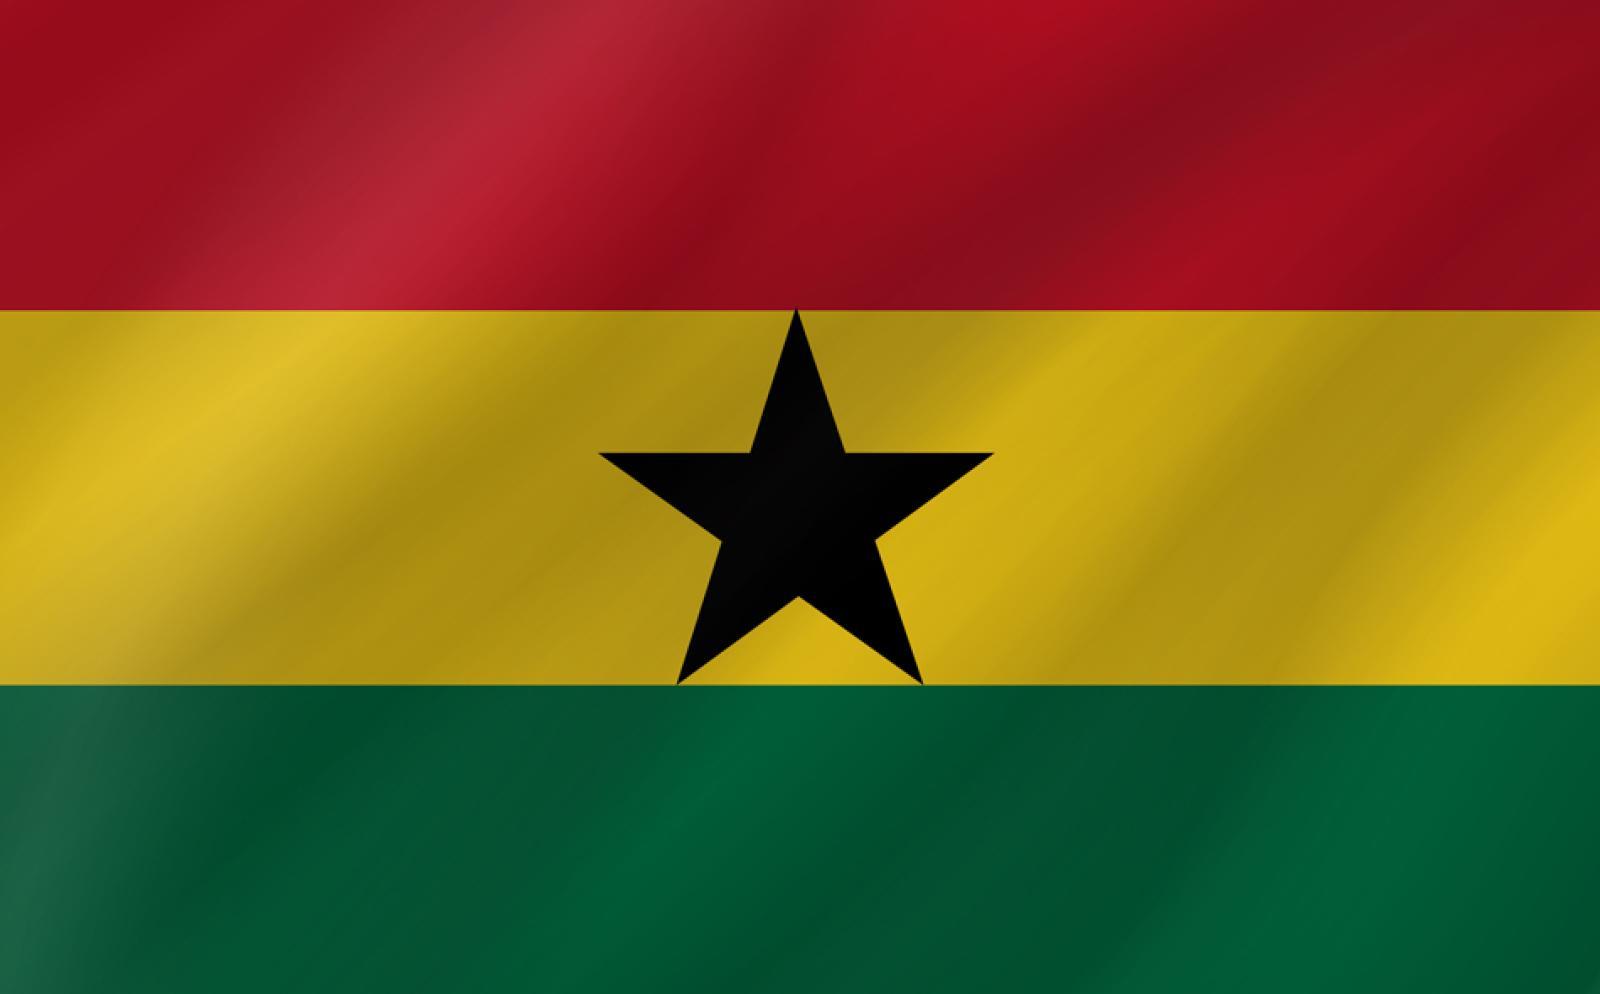 ガーナの国旗